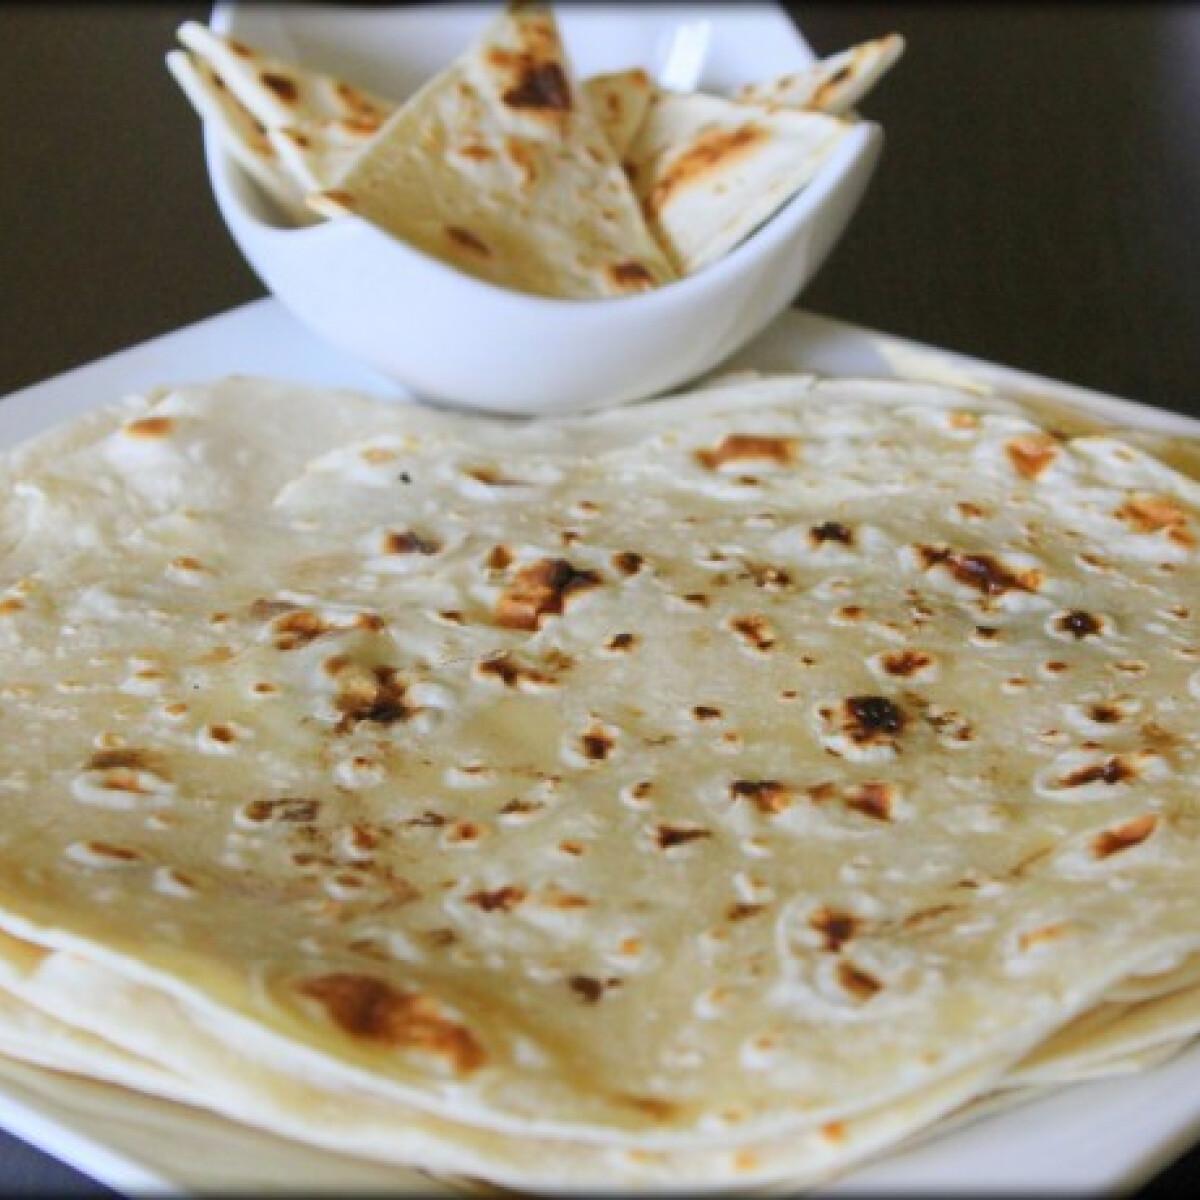 Ezen a képen: Házi készítésű tortilla lapok